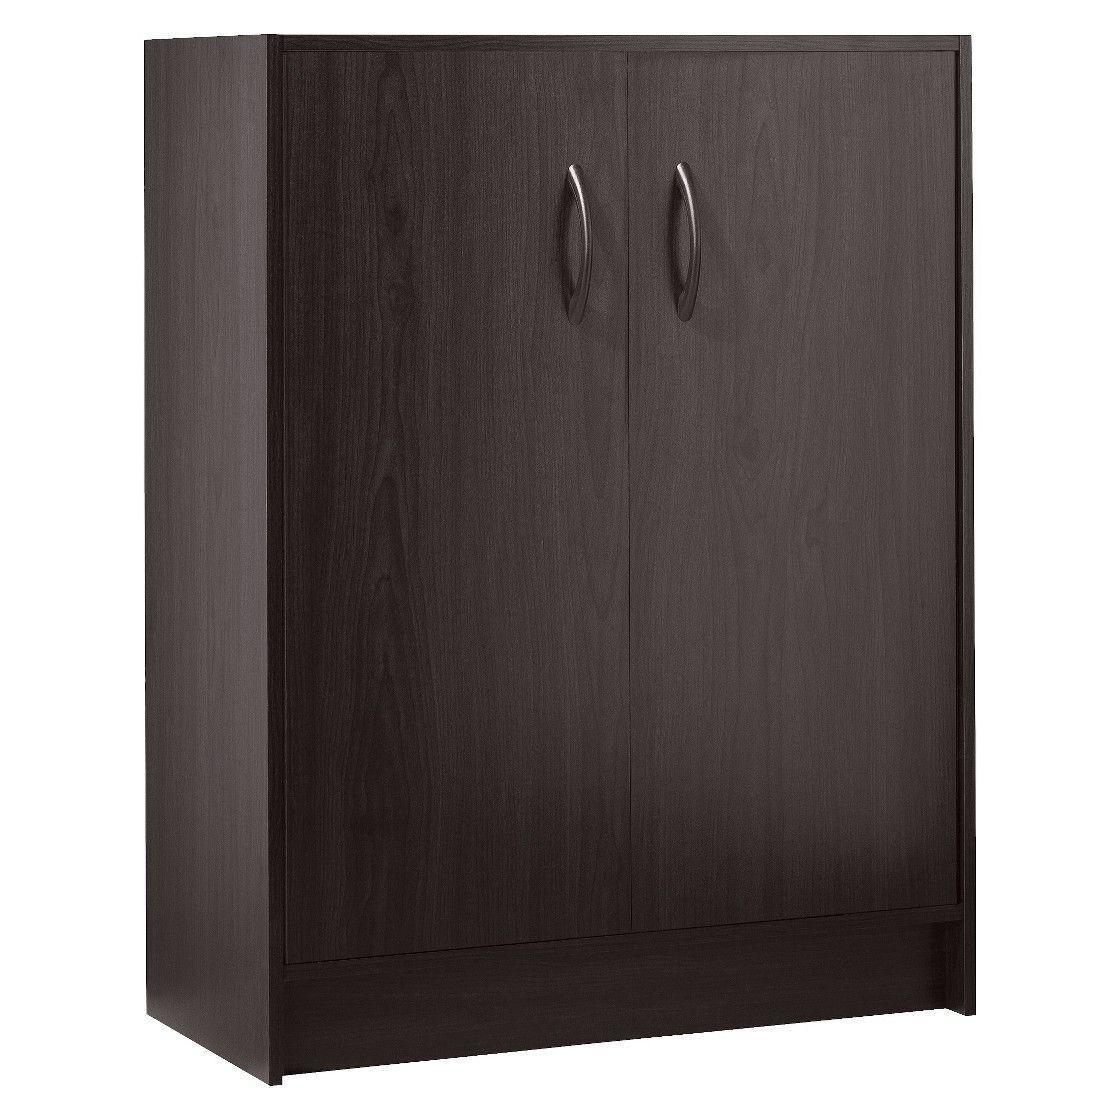 Utility Storage Cabinetsu0026nbsp2 Door Organizeru0026nbspEspresso   Room Essentials ™